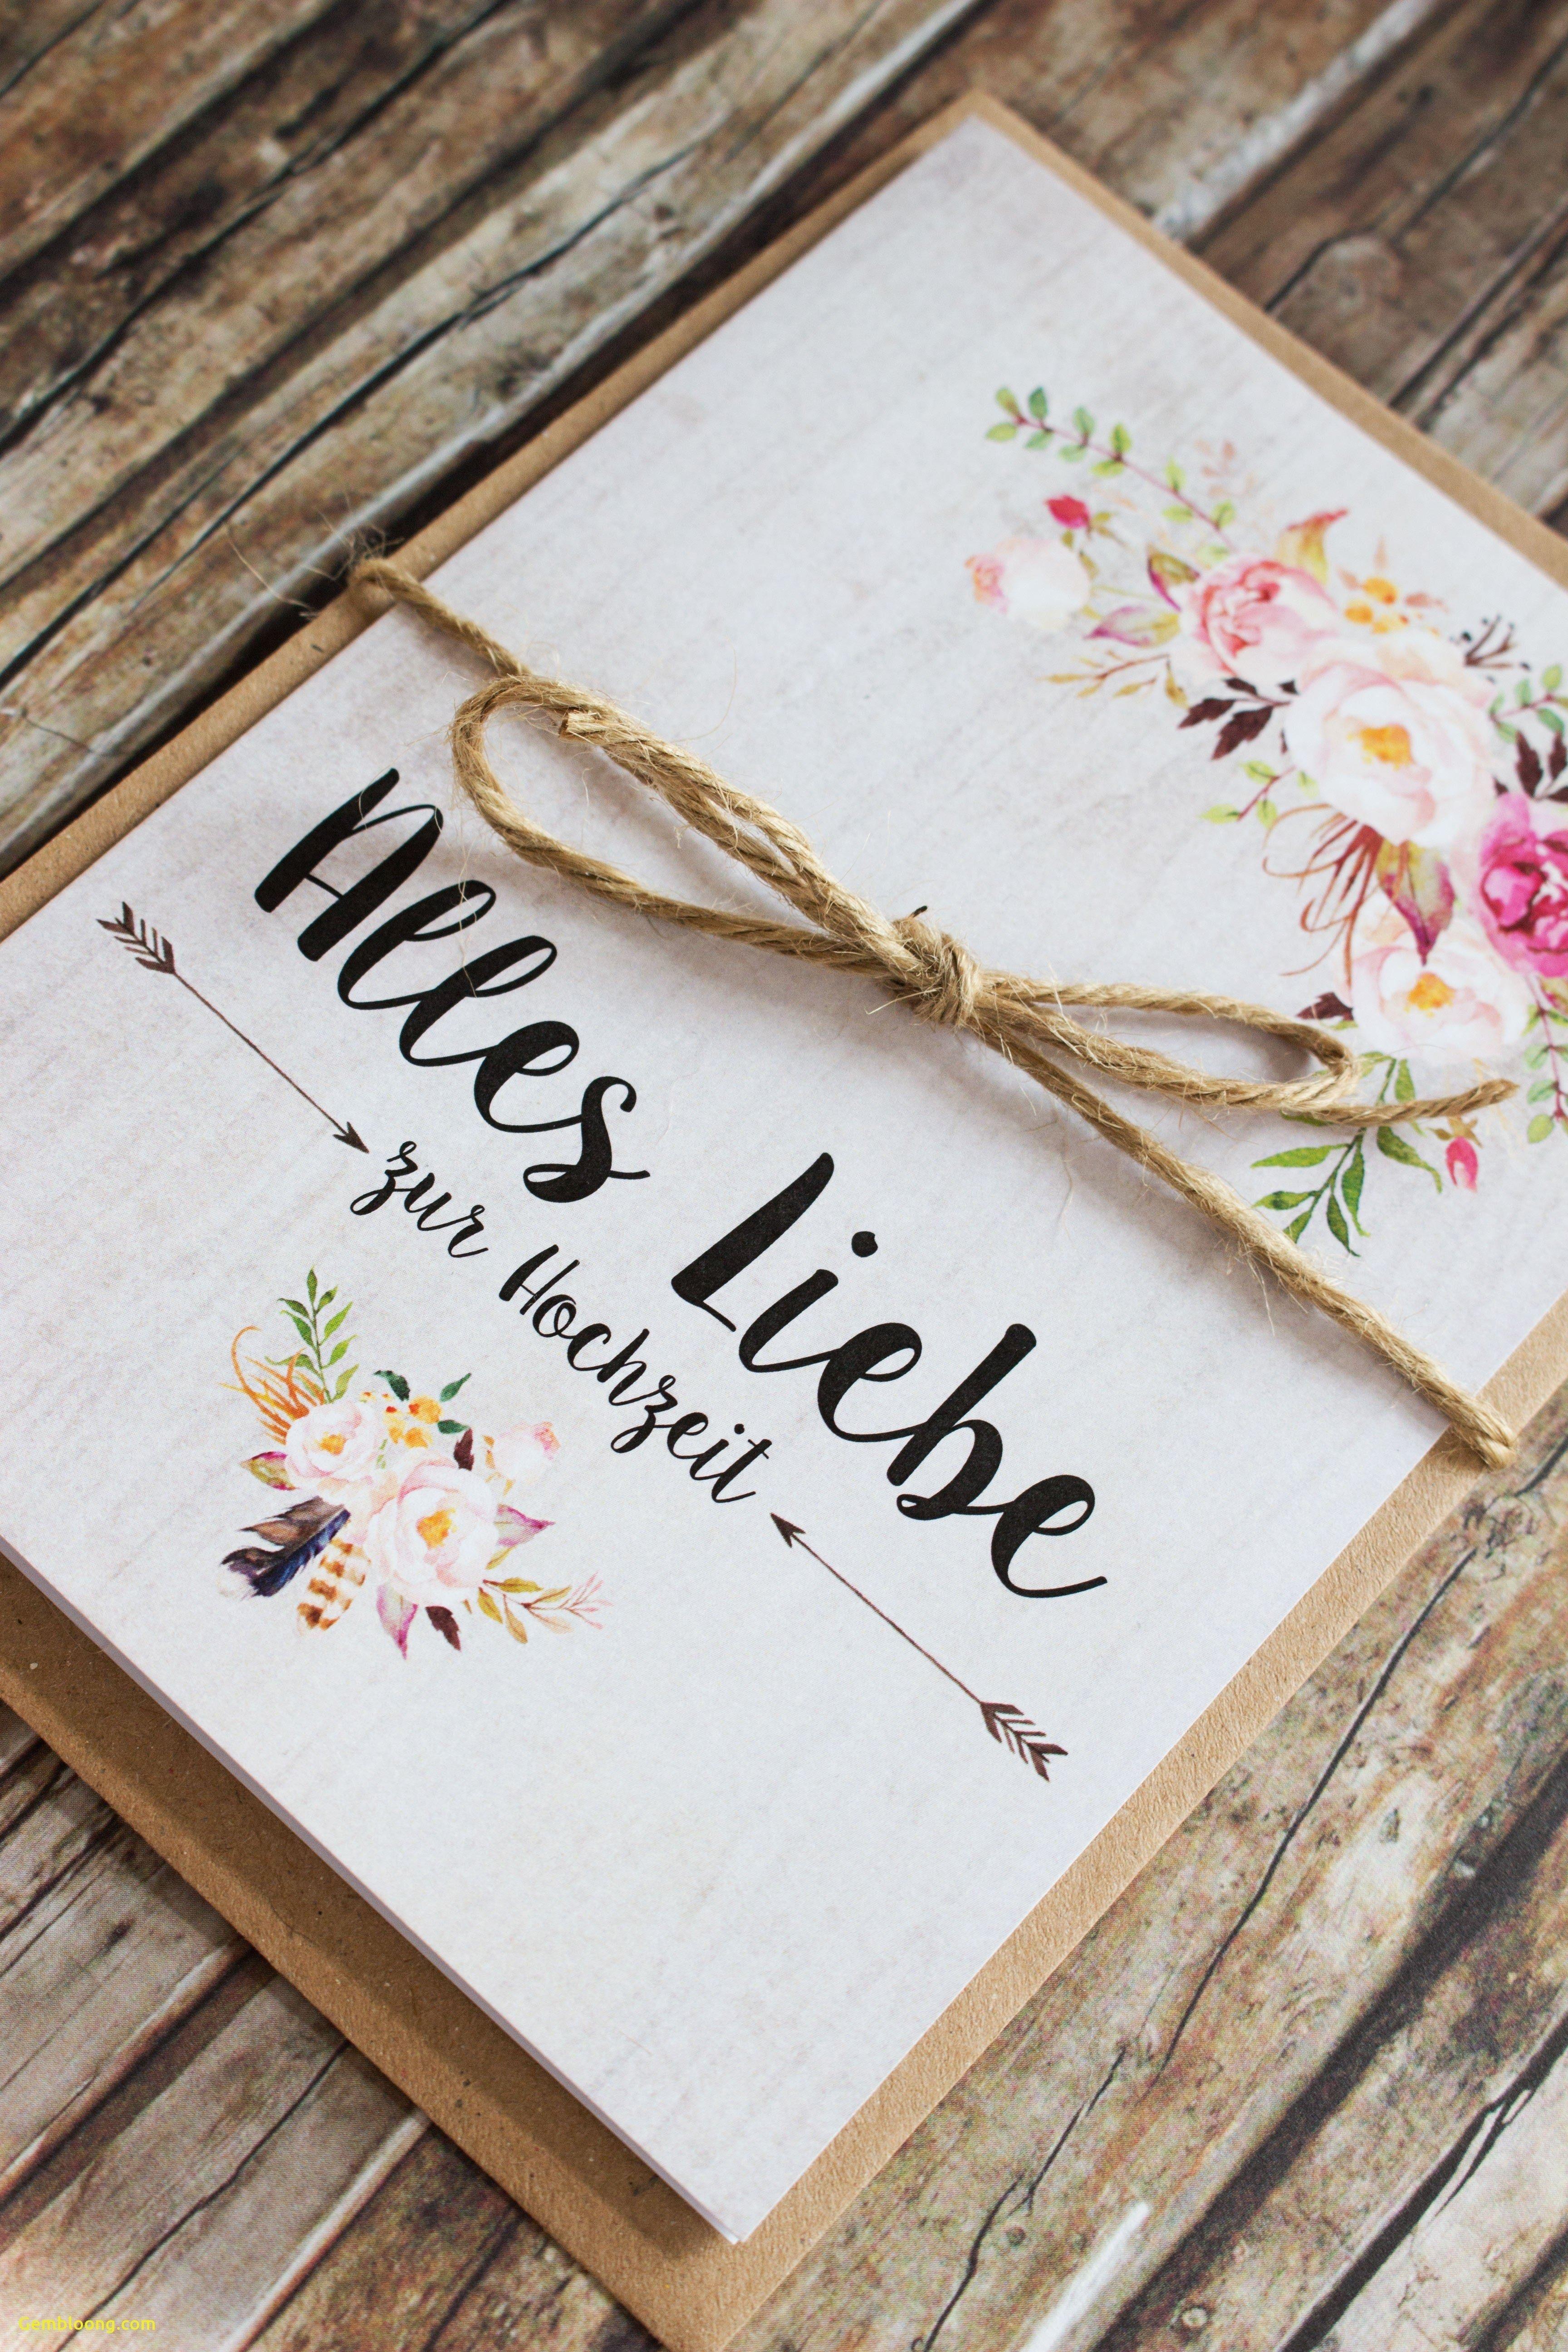 Kreative Karten Hochzeit Neu Diamantene Hochzeit Karte Grusskarte Beispiel Karte Hochzeit Gluckwunschkarte Hochzeit Hochzeitskarten